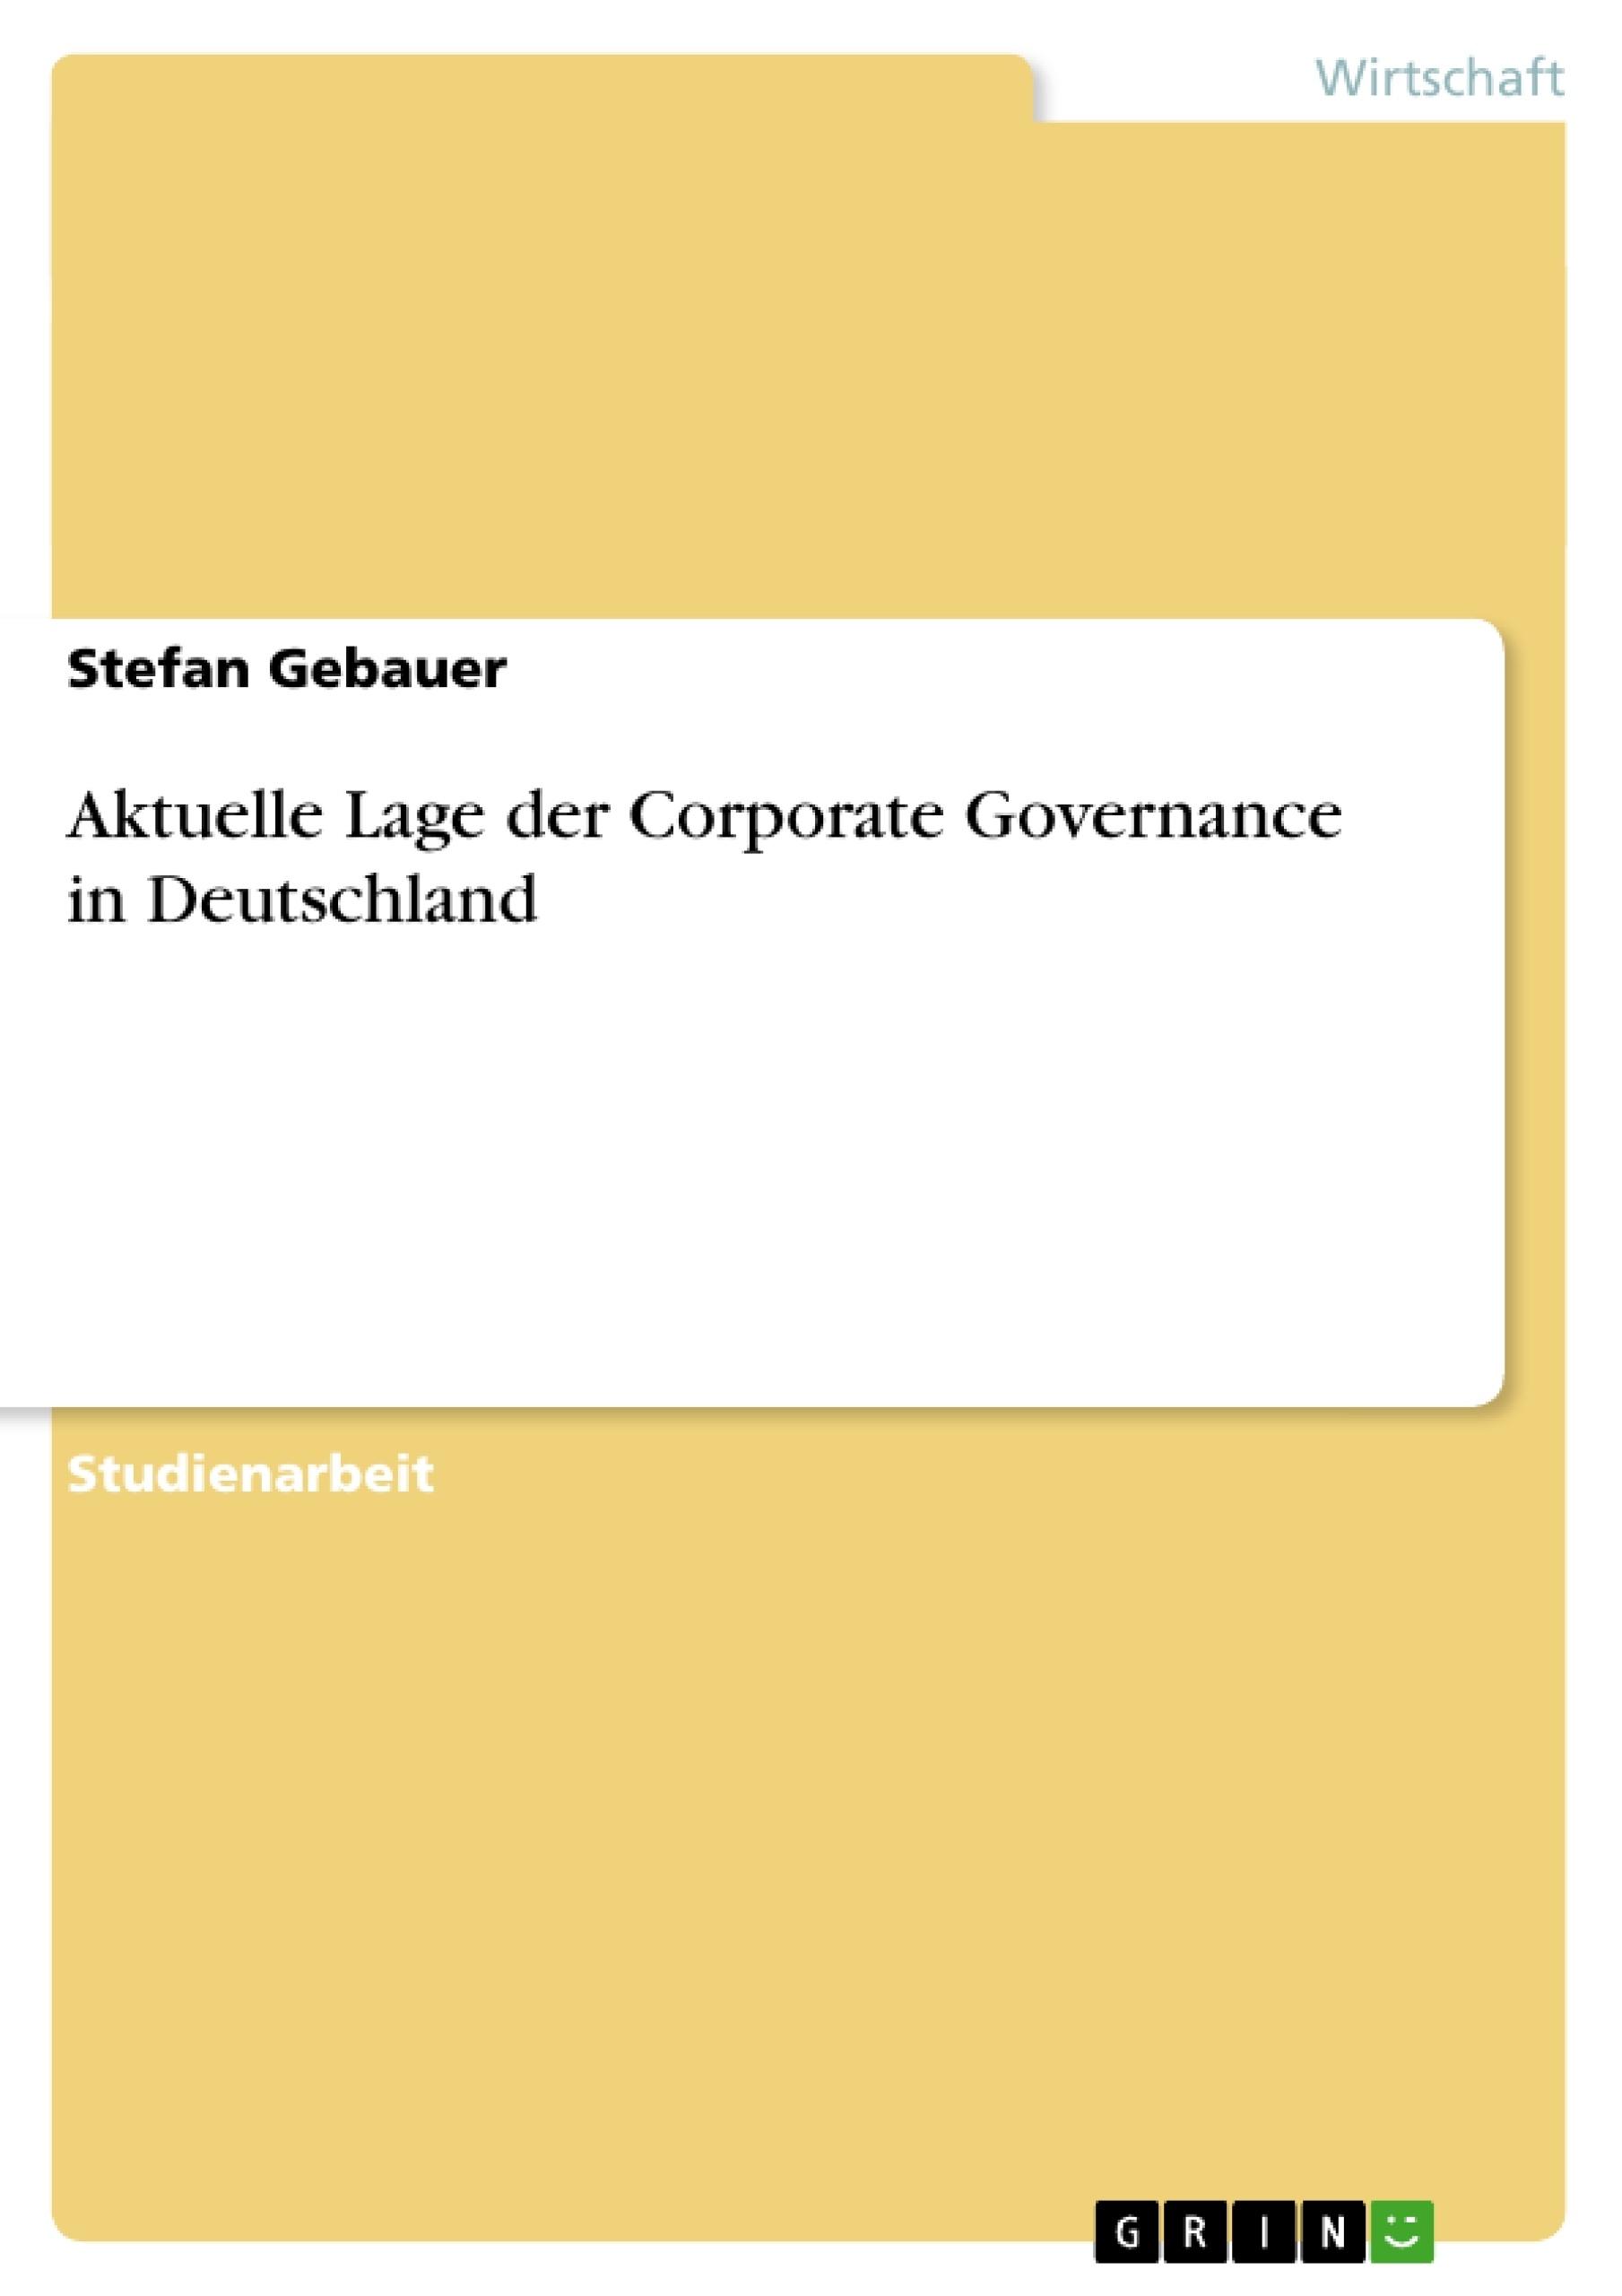 Titel: Aktuelle Lage der Corporate Governance in Deutschland